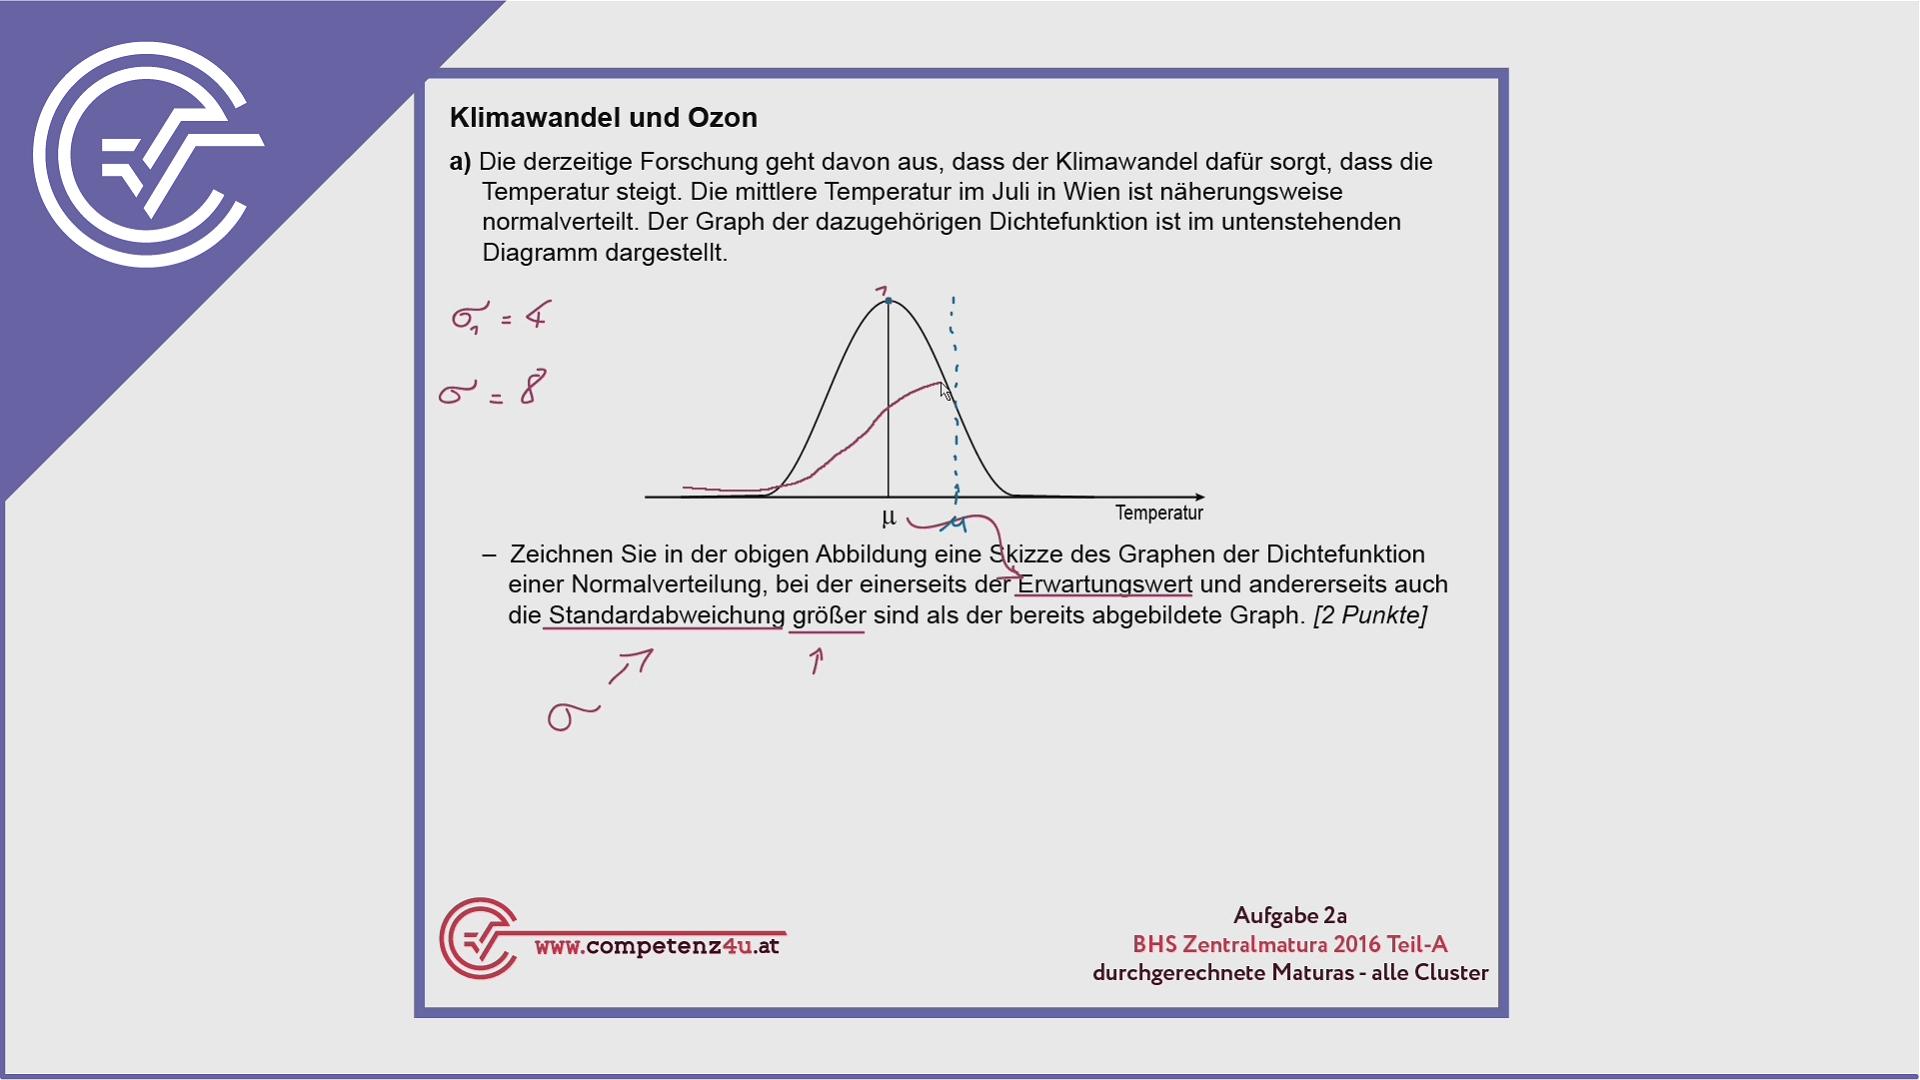 BHS Zentralmatura Aufgabe 2a - Normalverteilung verstehen